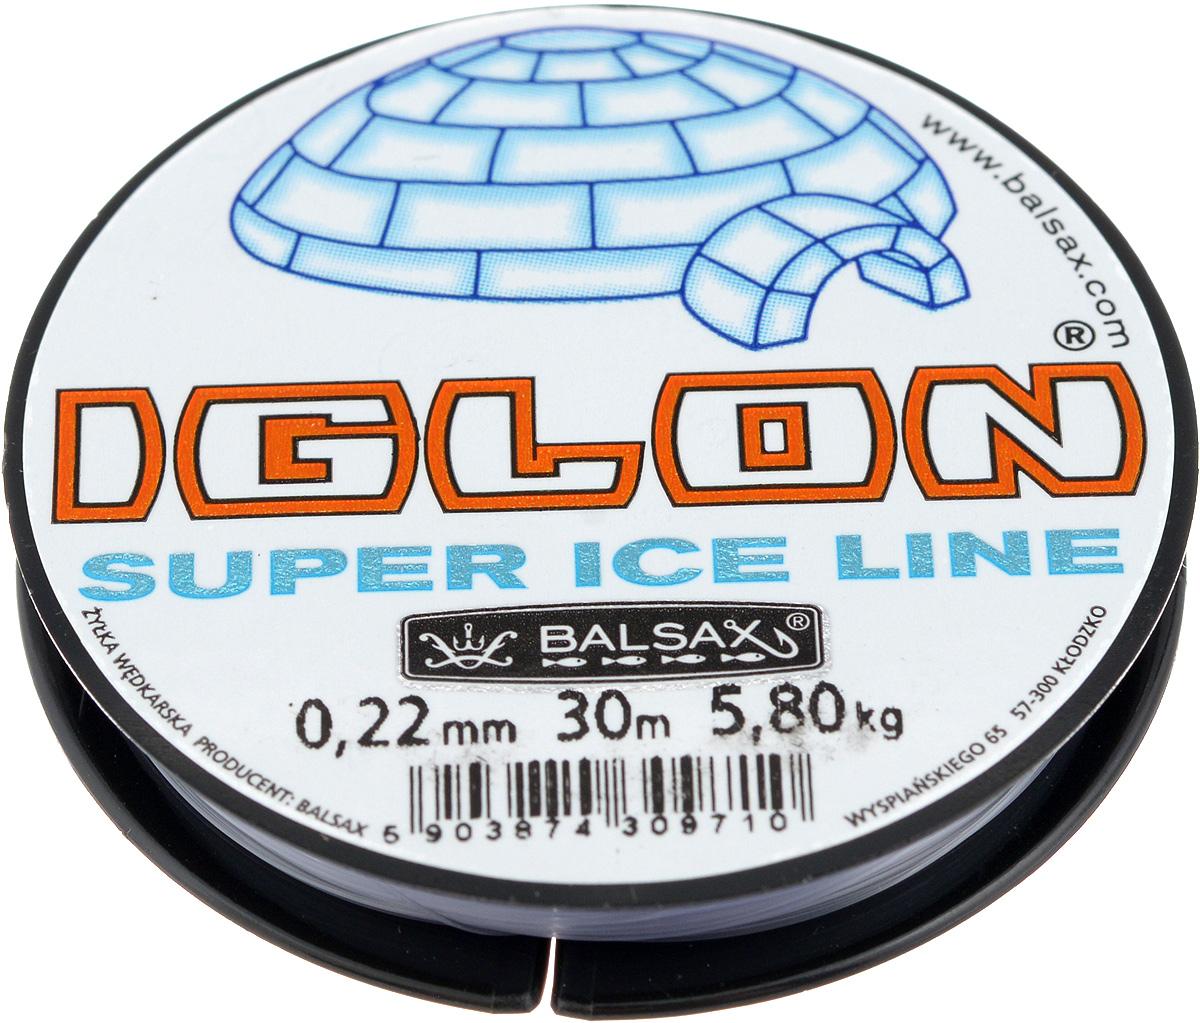 Леска зимняя Balsax Iglon, 30 м, 0,22 мм, 5,8 кгФуфайка Verticale FELXЛеска Balsax Iglon изготовлена из 100% нейлона и очень хорошо выдерживает низкие температуры. Даже в самом холодном климате, при температуре вплоть до -40°C, она сохраняет свои свойства практически без изменений, в то время как традиционные лески становятся менее эластичными и теряют прочность.Поверхность лески обработана таким образом, что она не обмерзает и отлично подходит для подледного лова. Прочна в местах вязки узлов даже при минимальном диаметре.